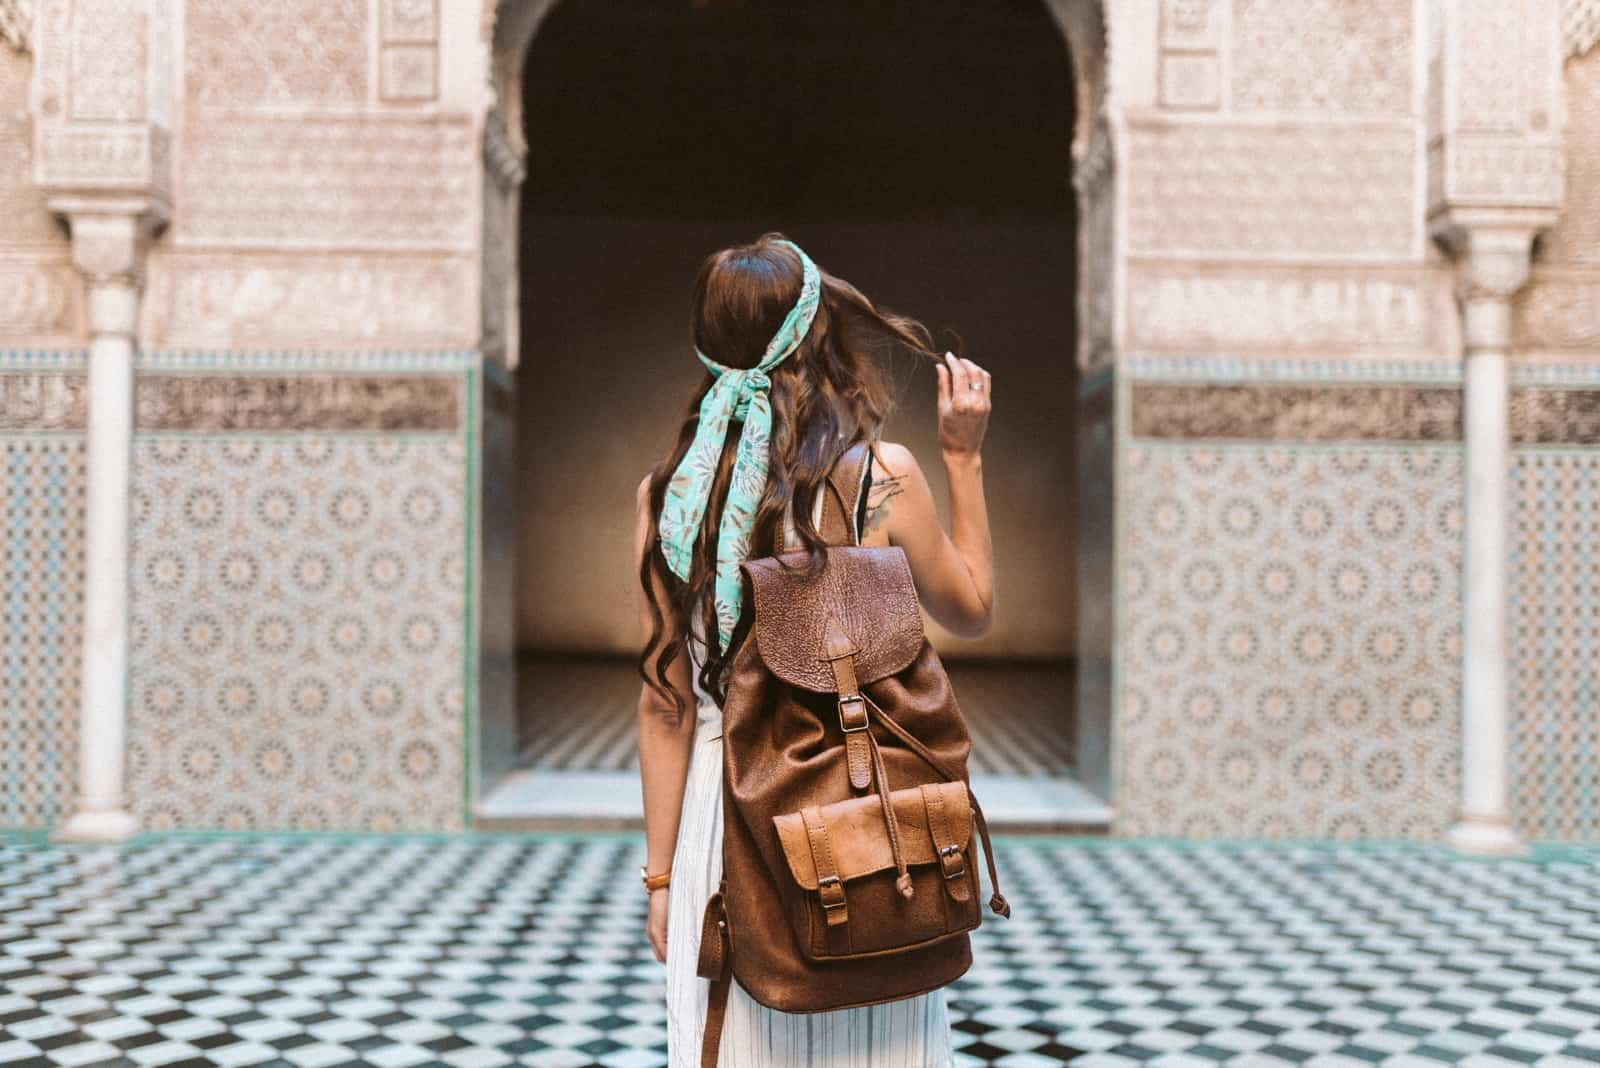 femme avec sac à dos marron debout près du bâtiment